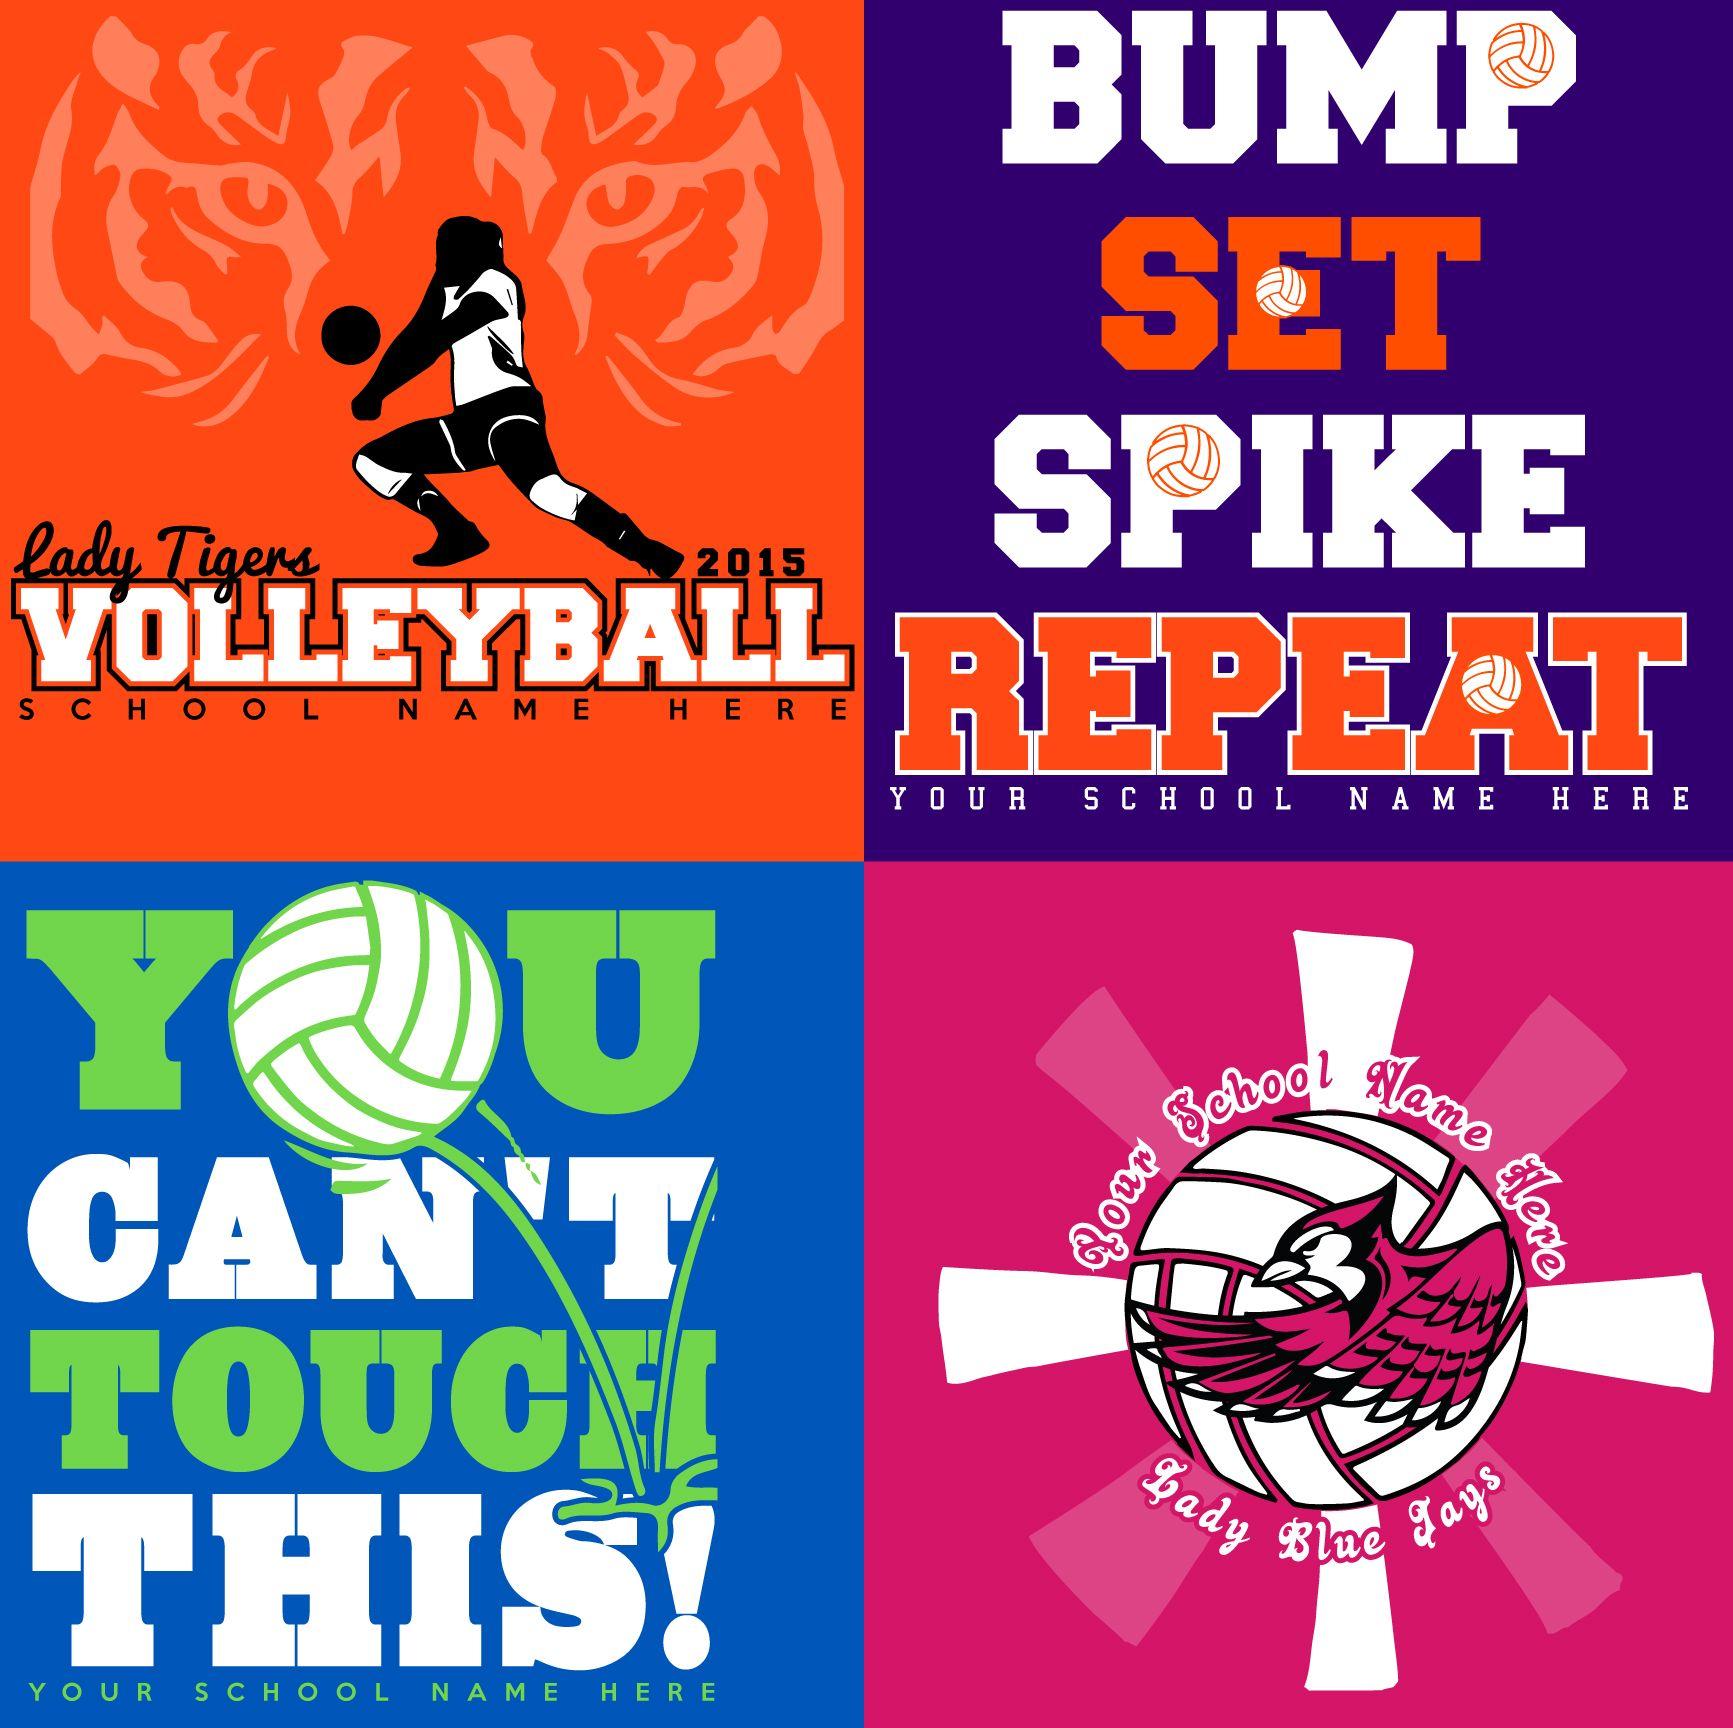 Volleyball T Shirt Designs Volleyball T Shirt Designs Volleyball Shirt Designs Volleyball